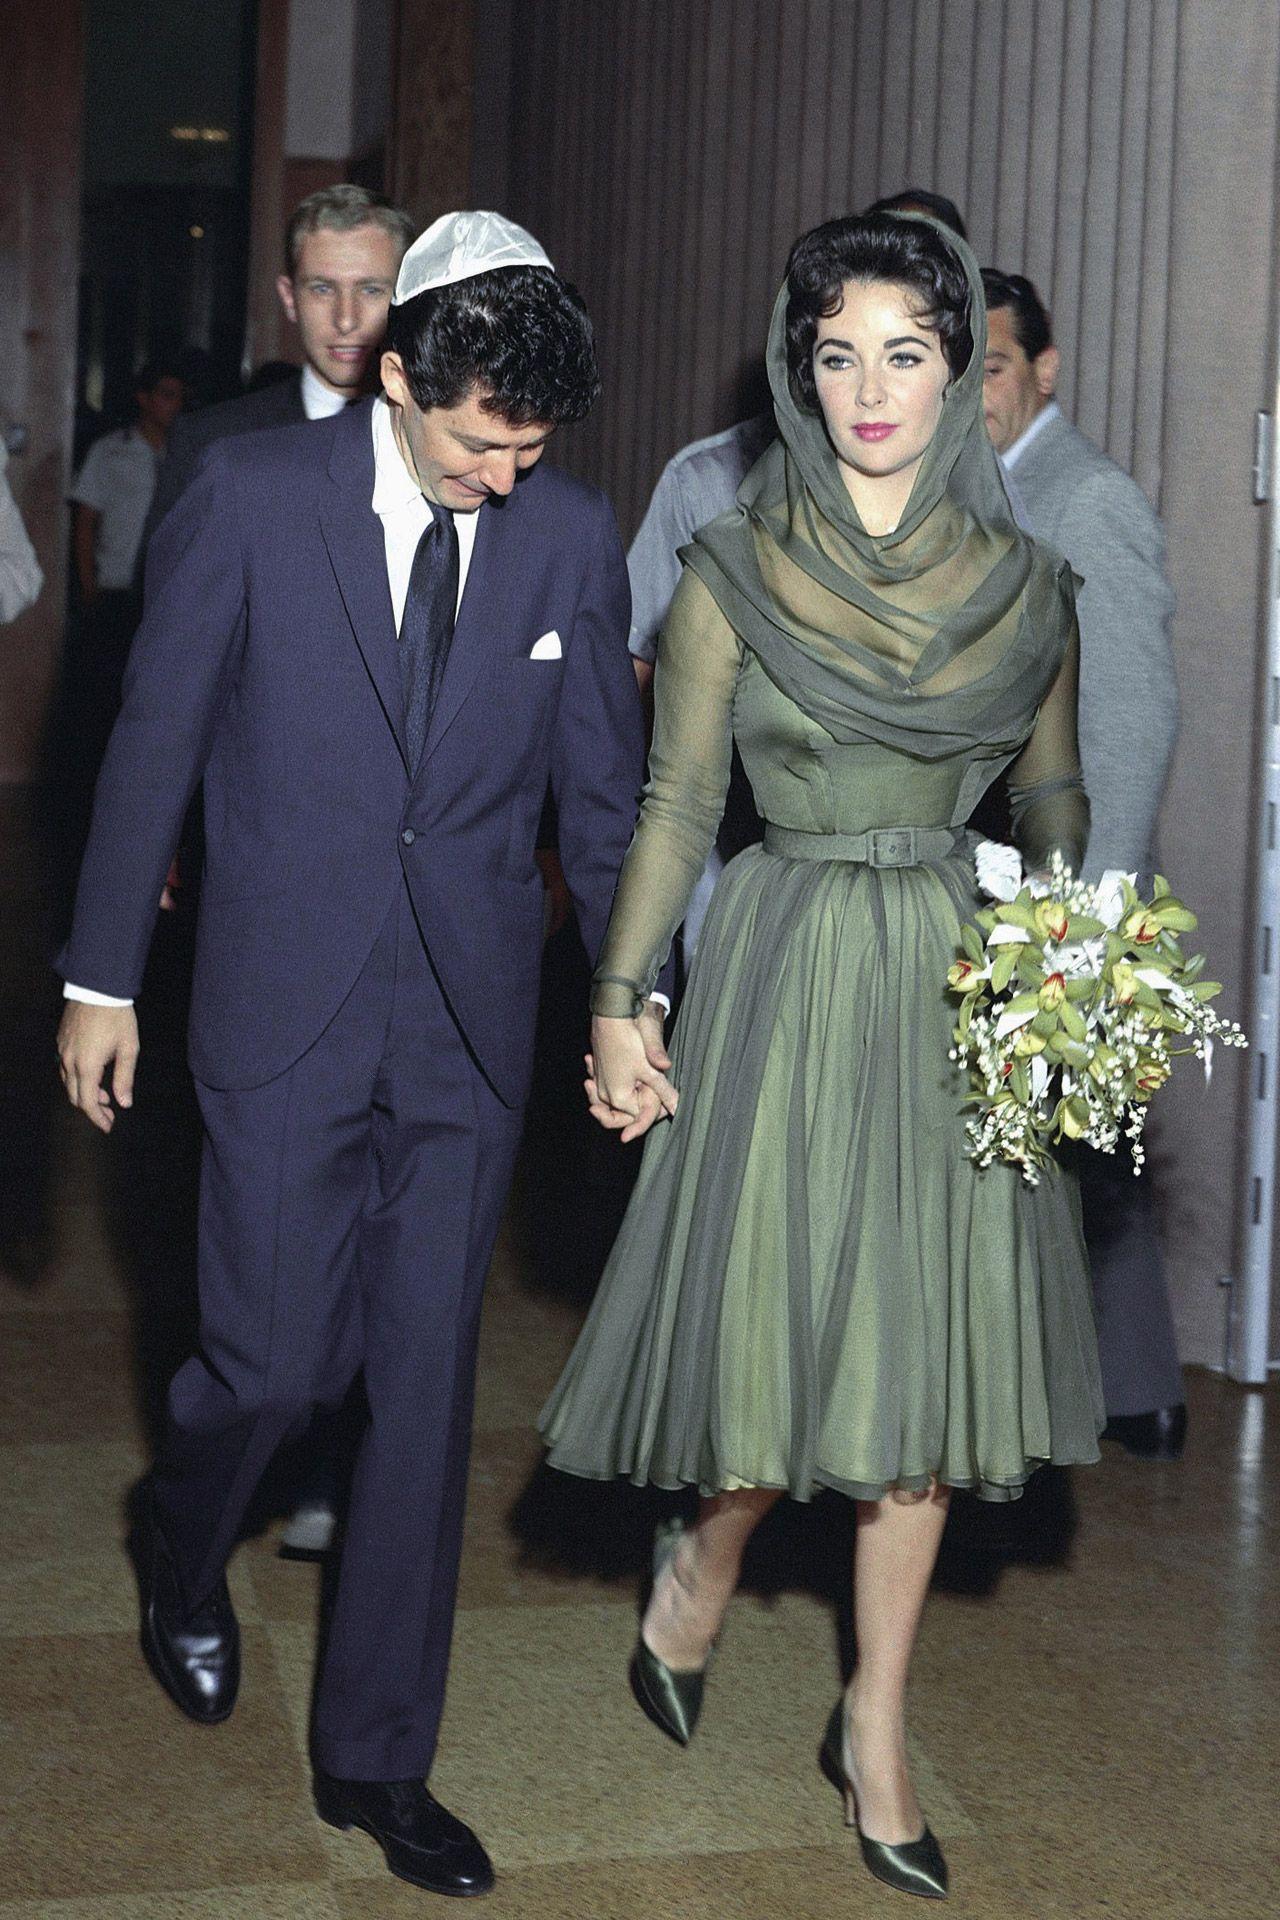 Eddie wedding dress designer